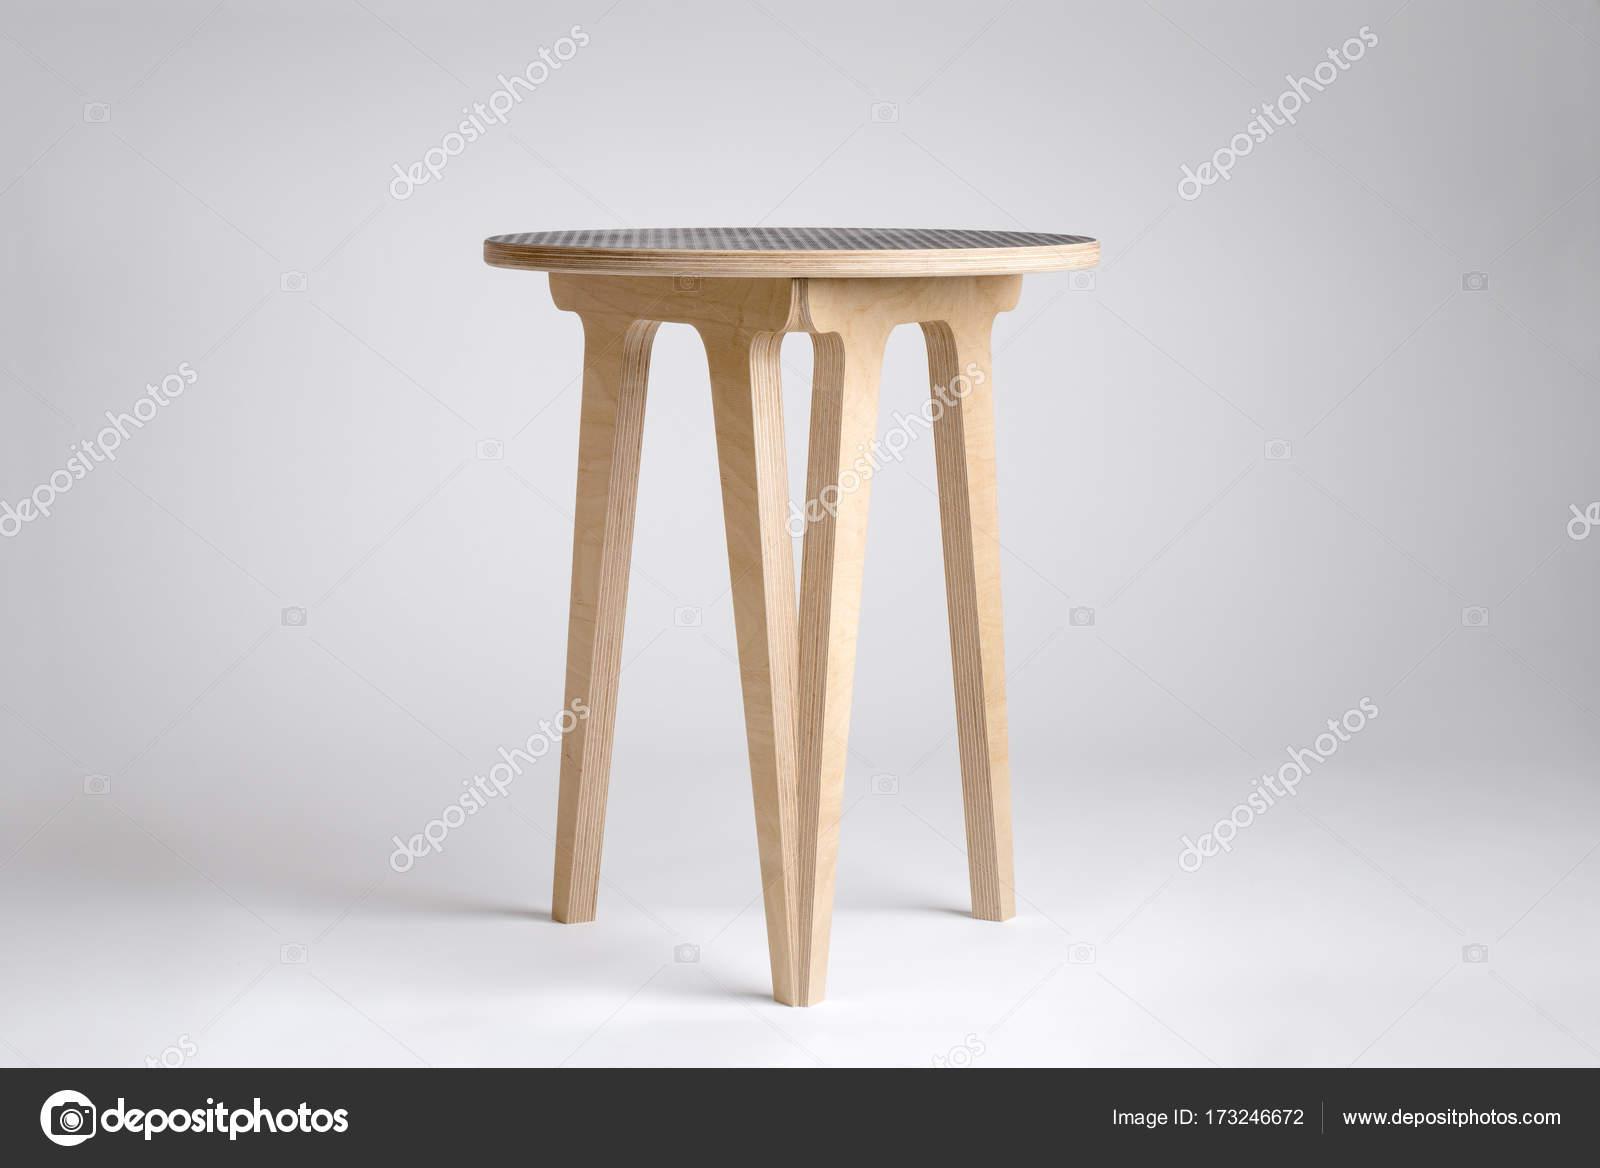 Sgabello in legno design moderno o tavolino u2014 foto stock © stock